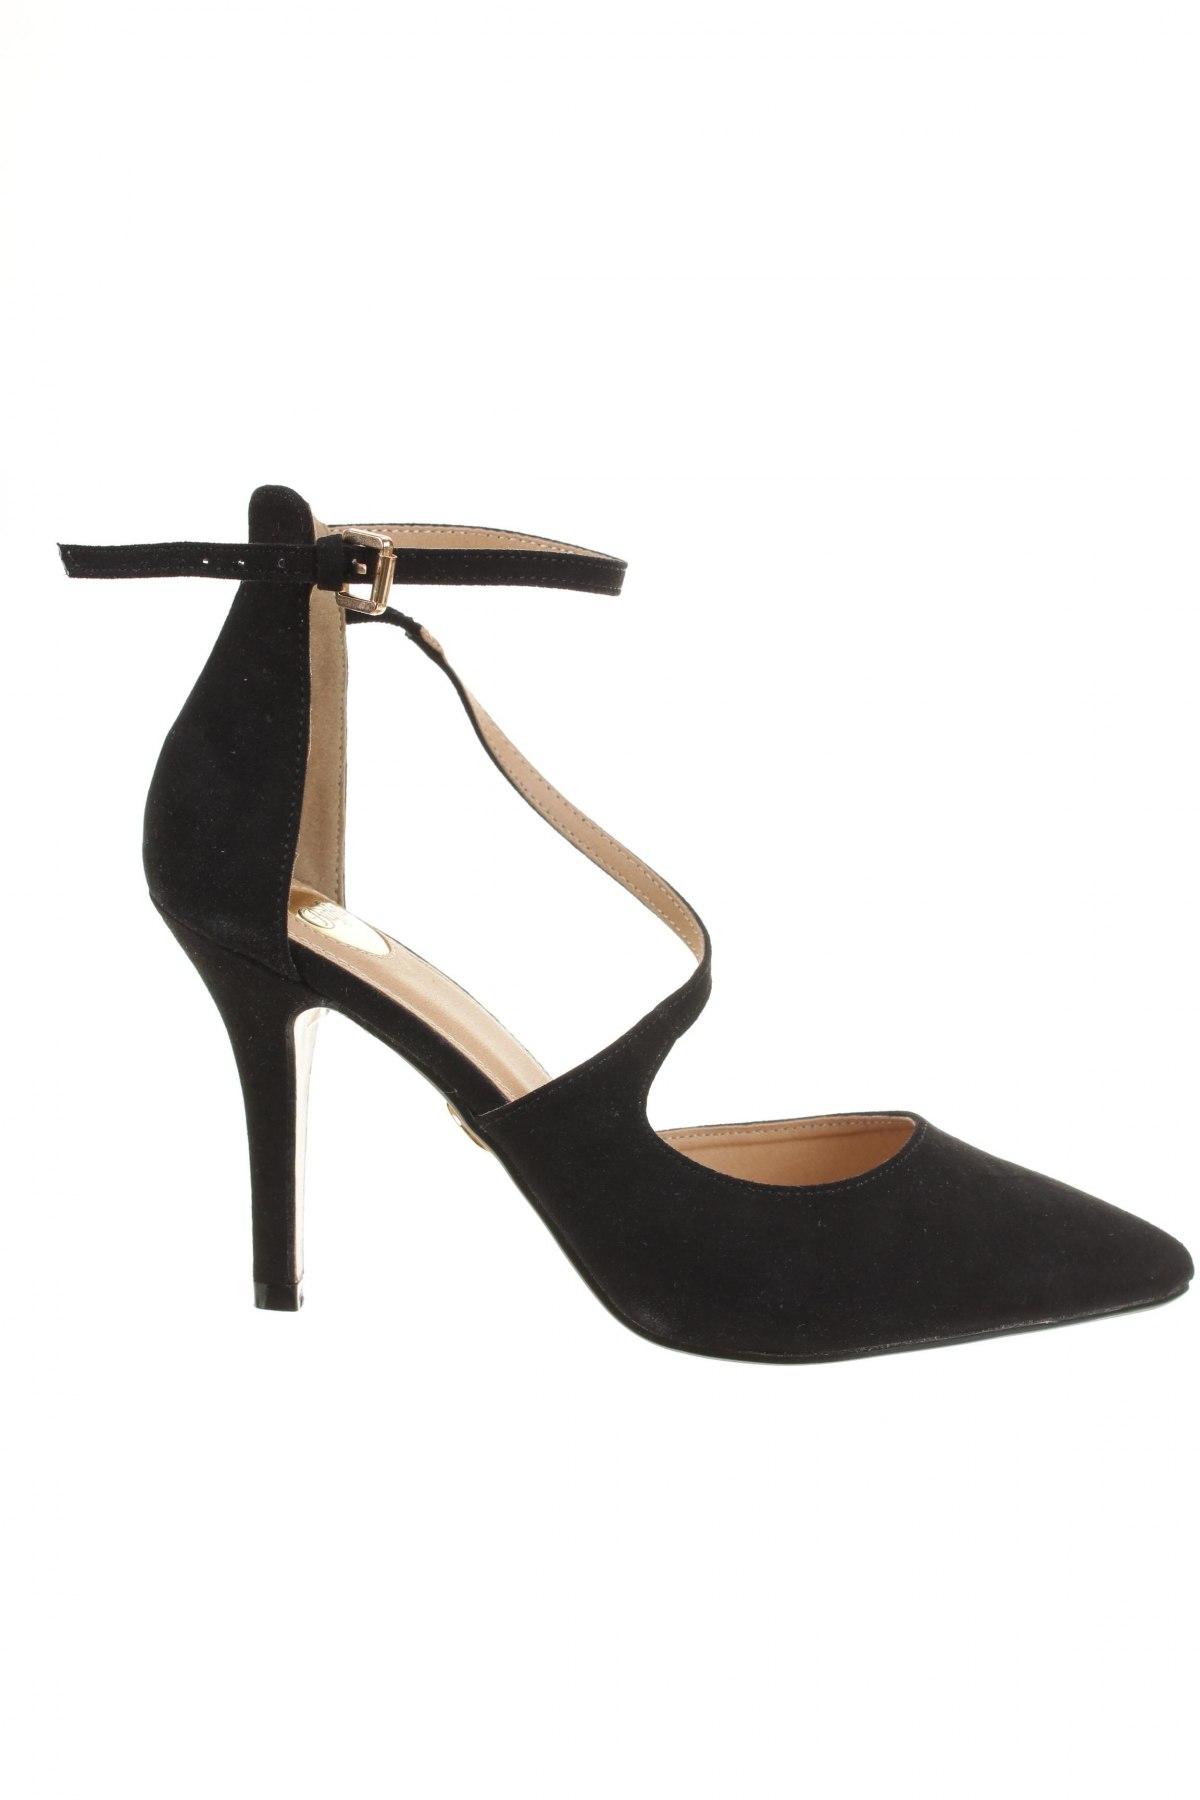 02991c388343 Dámske topánky Buffalo - za výhodnú cenu na Remix -  102005293